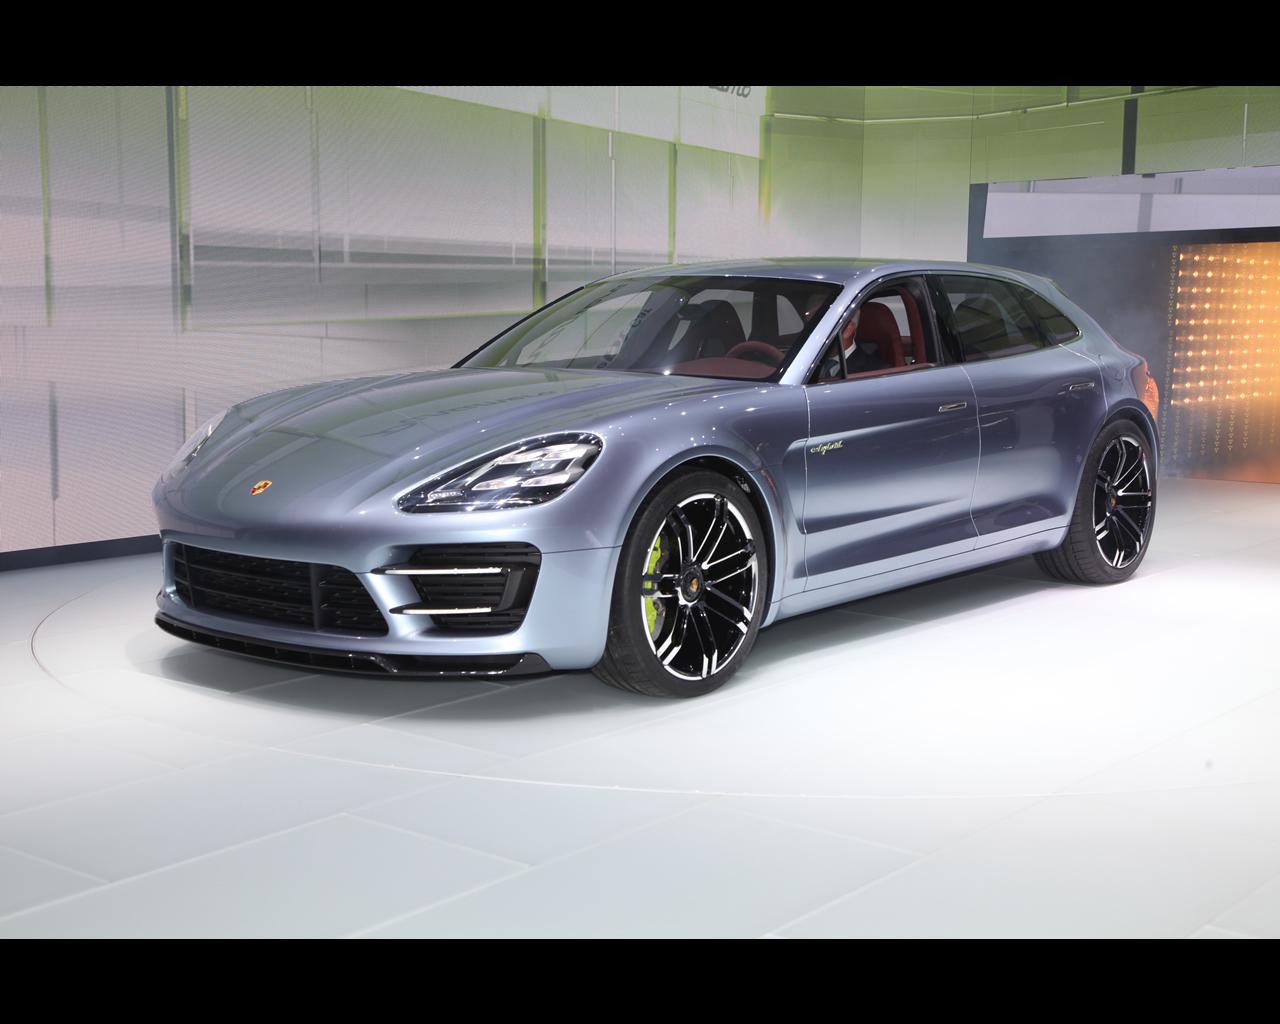 Porsche Panamera Sport Turismo Plug In Hybrid Concept 2012